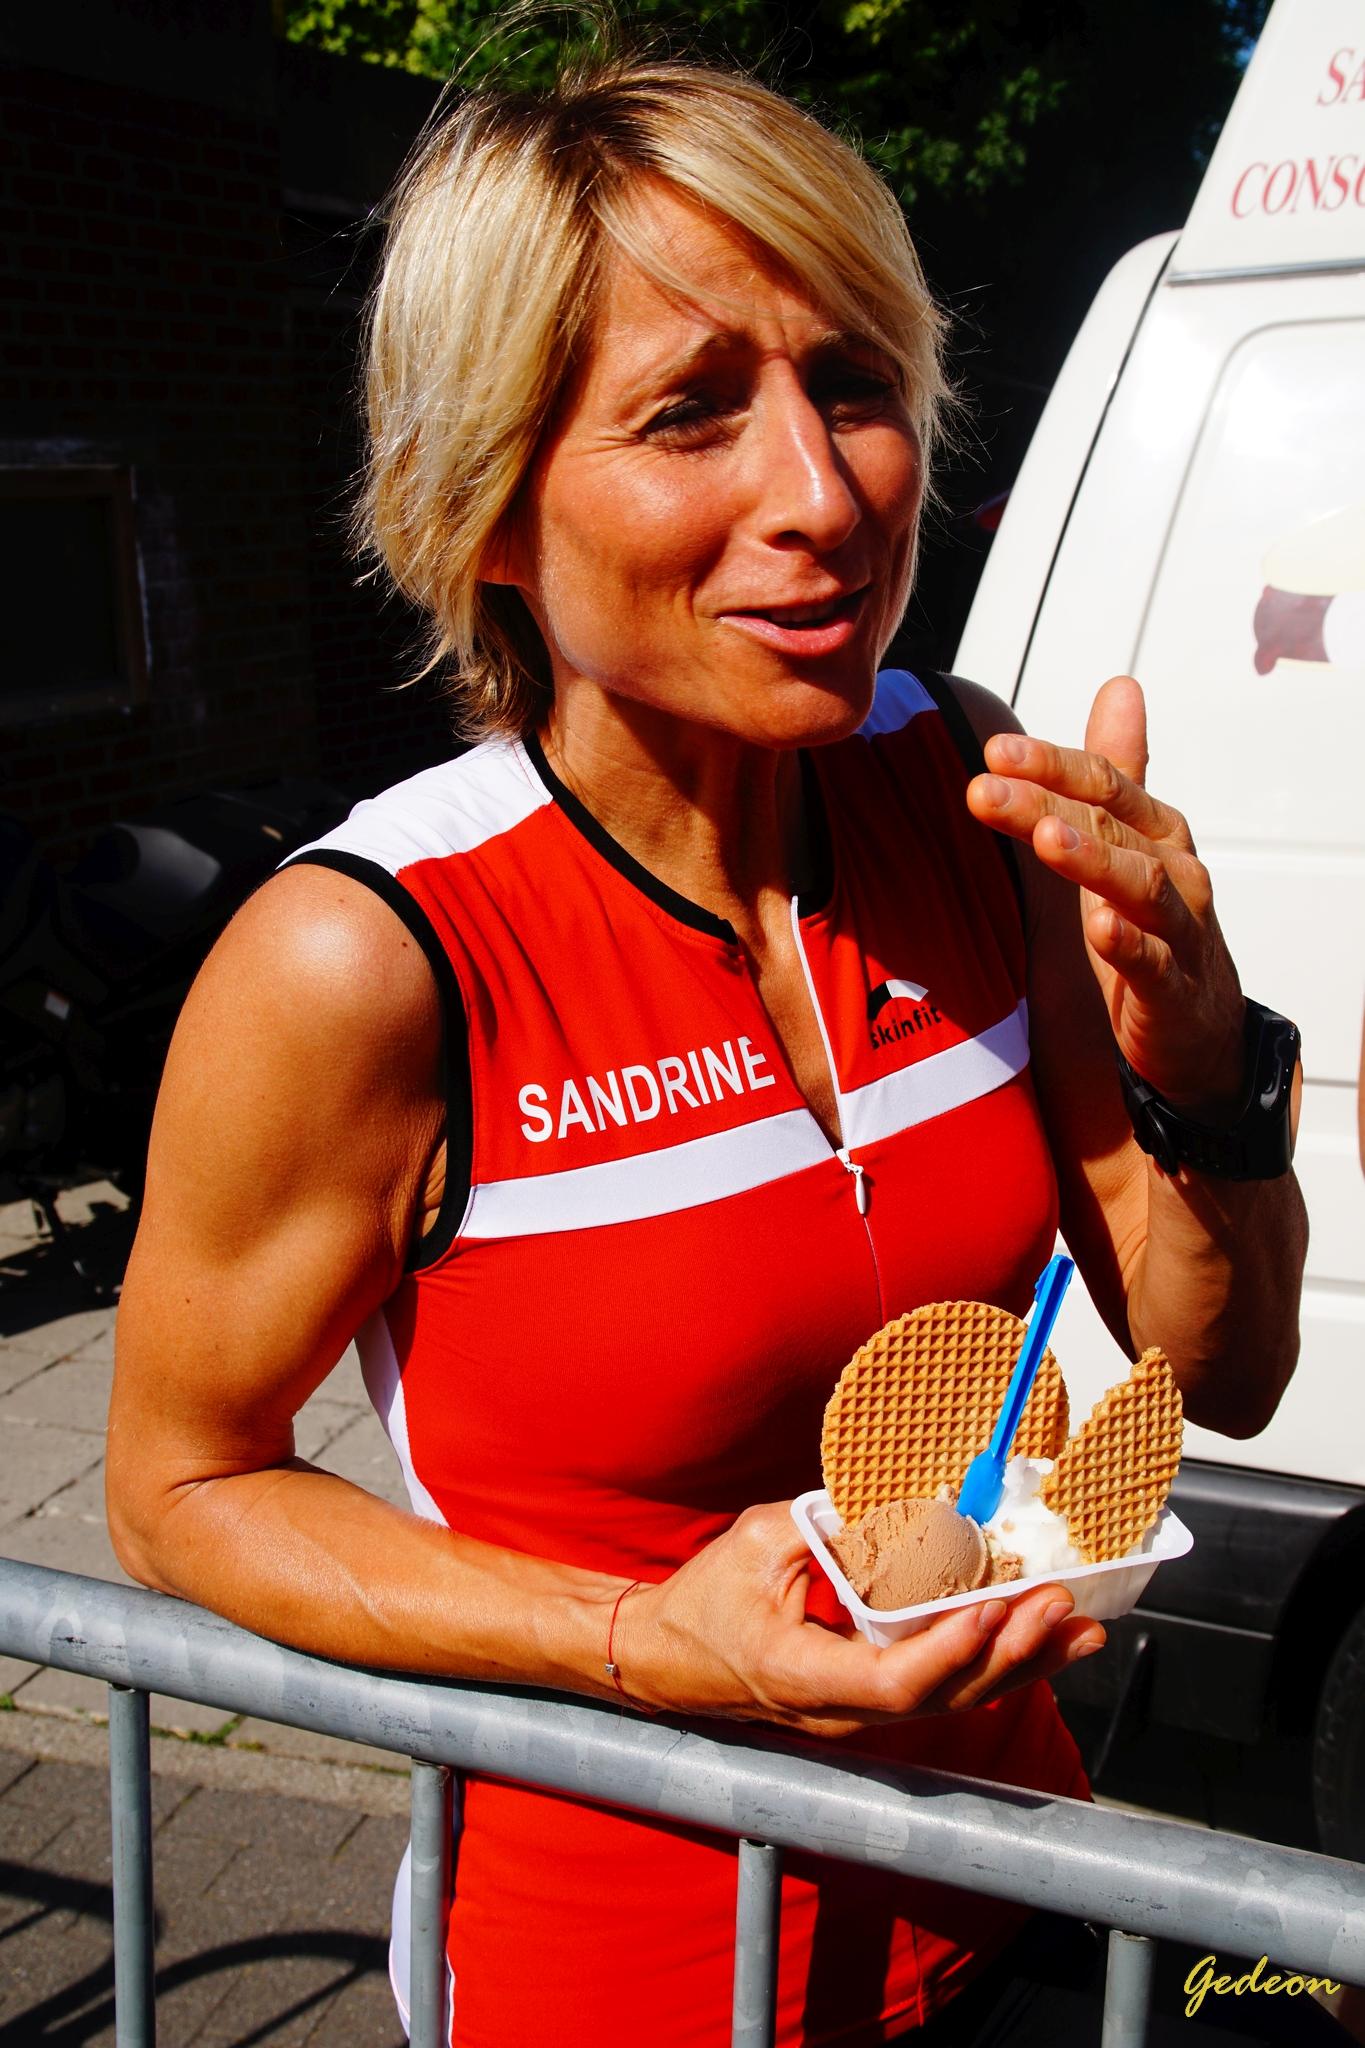 Une glace pour Sandrine à l'arrivée